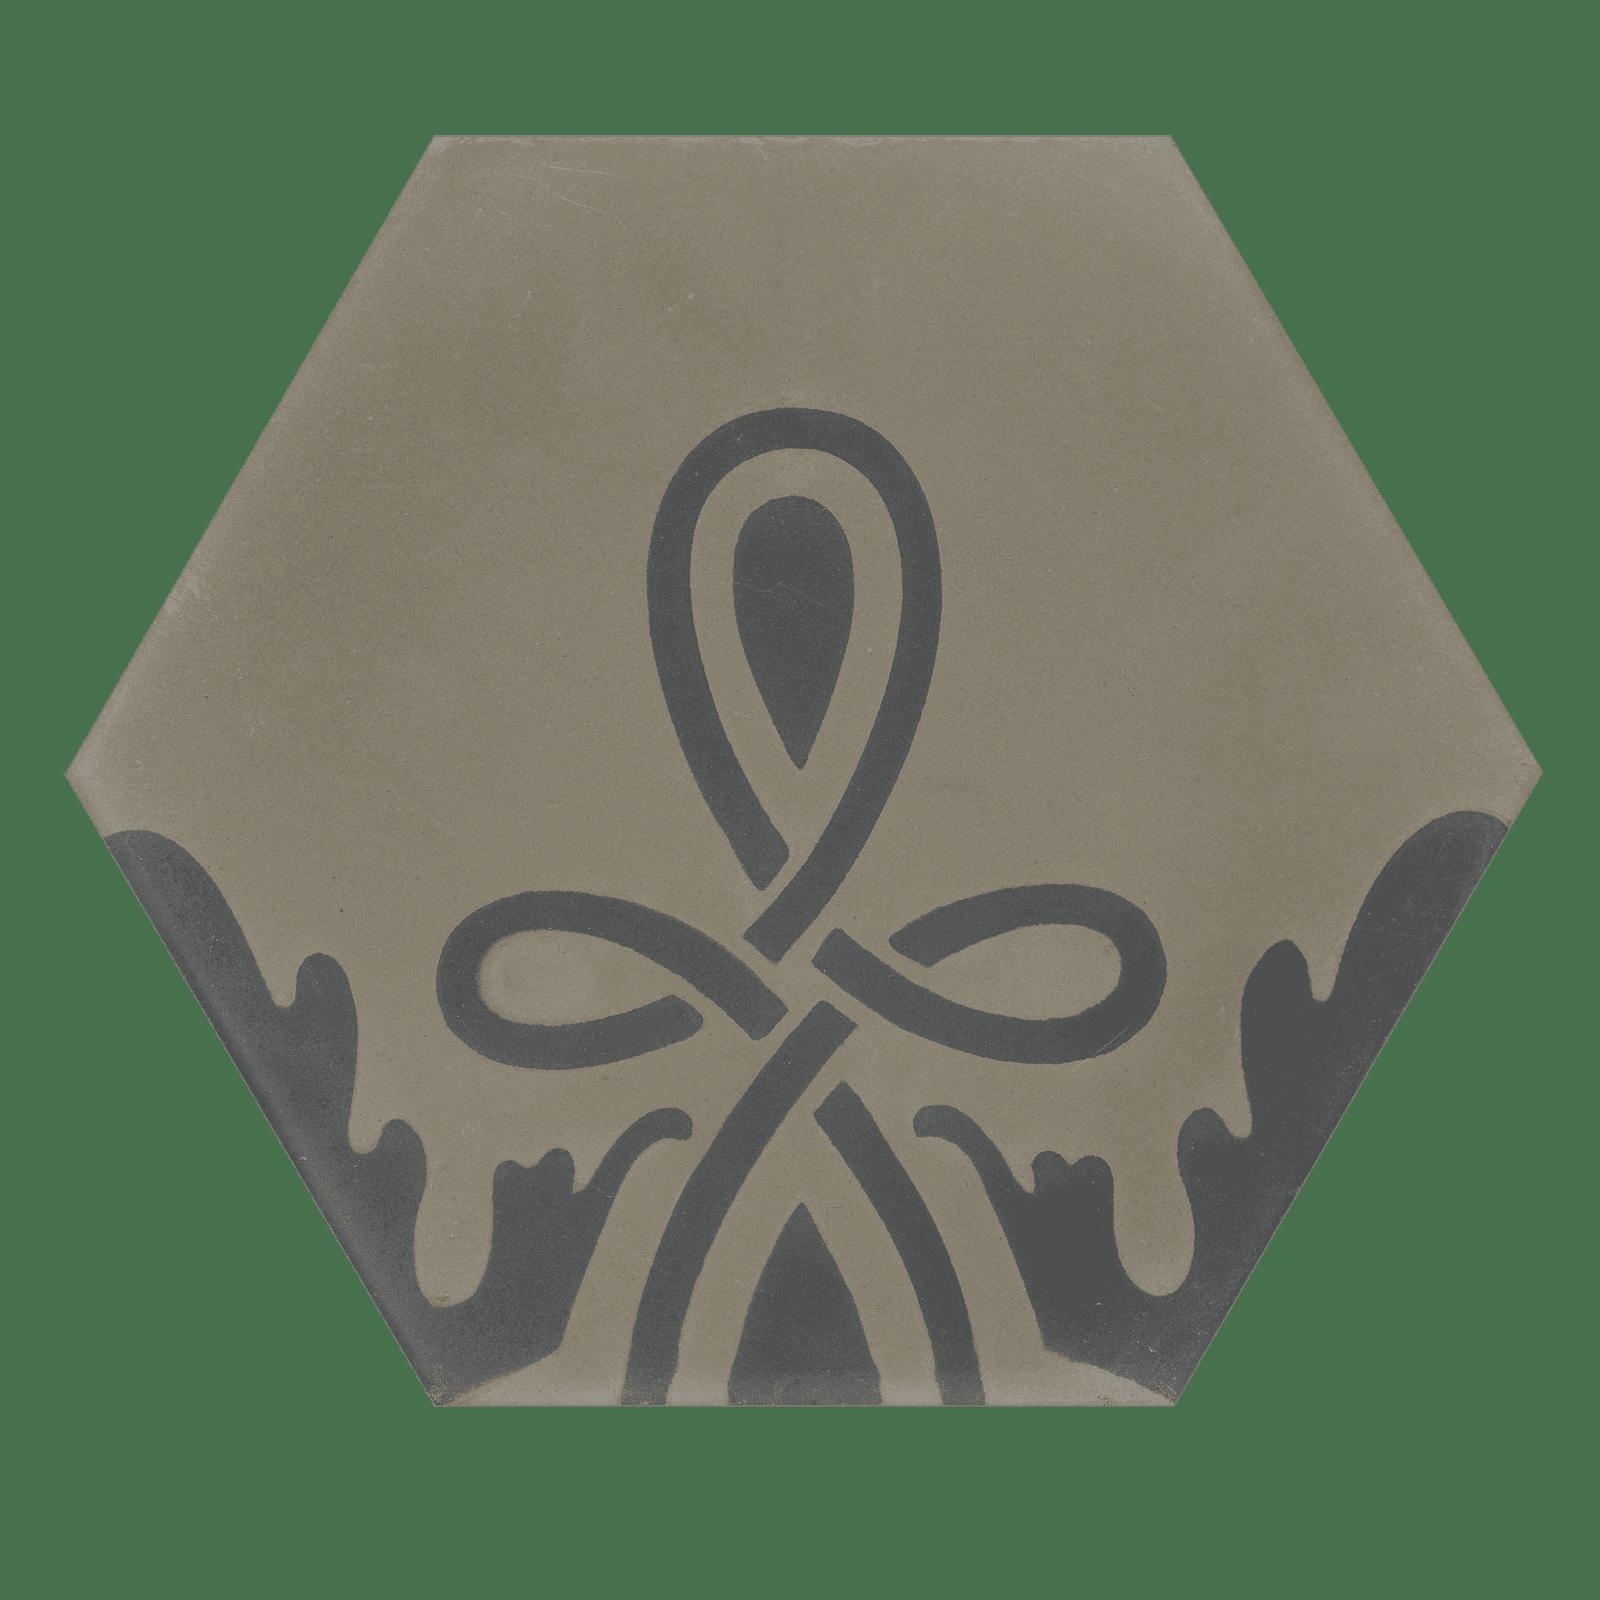 zementmosaikfliesen-nummer-600161-viaplatten | 600161